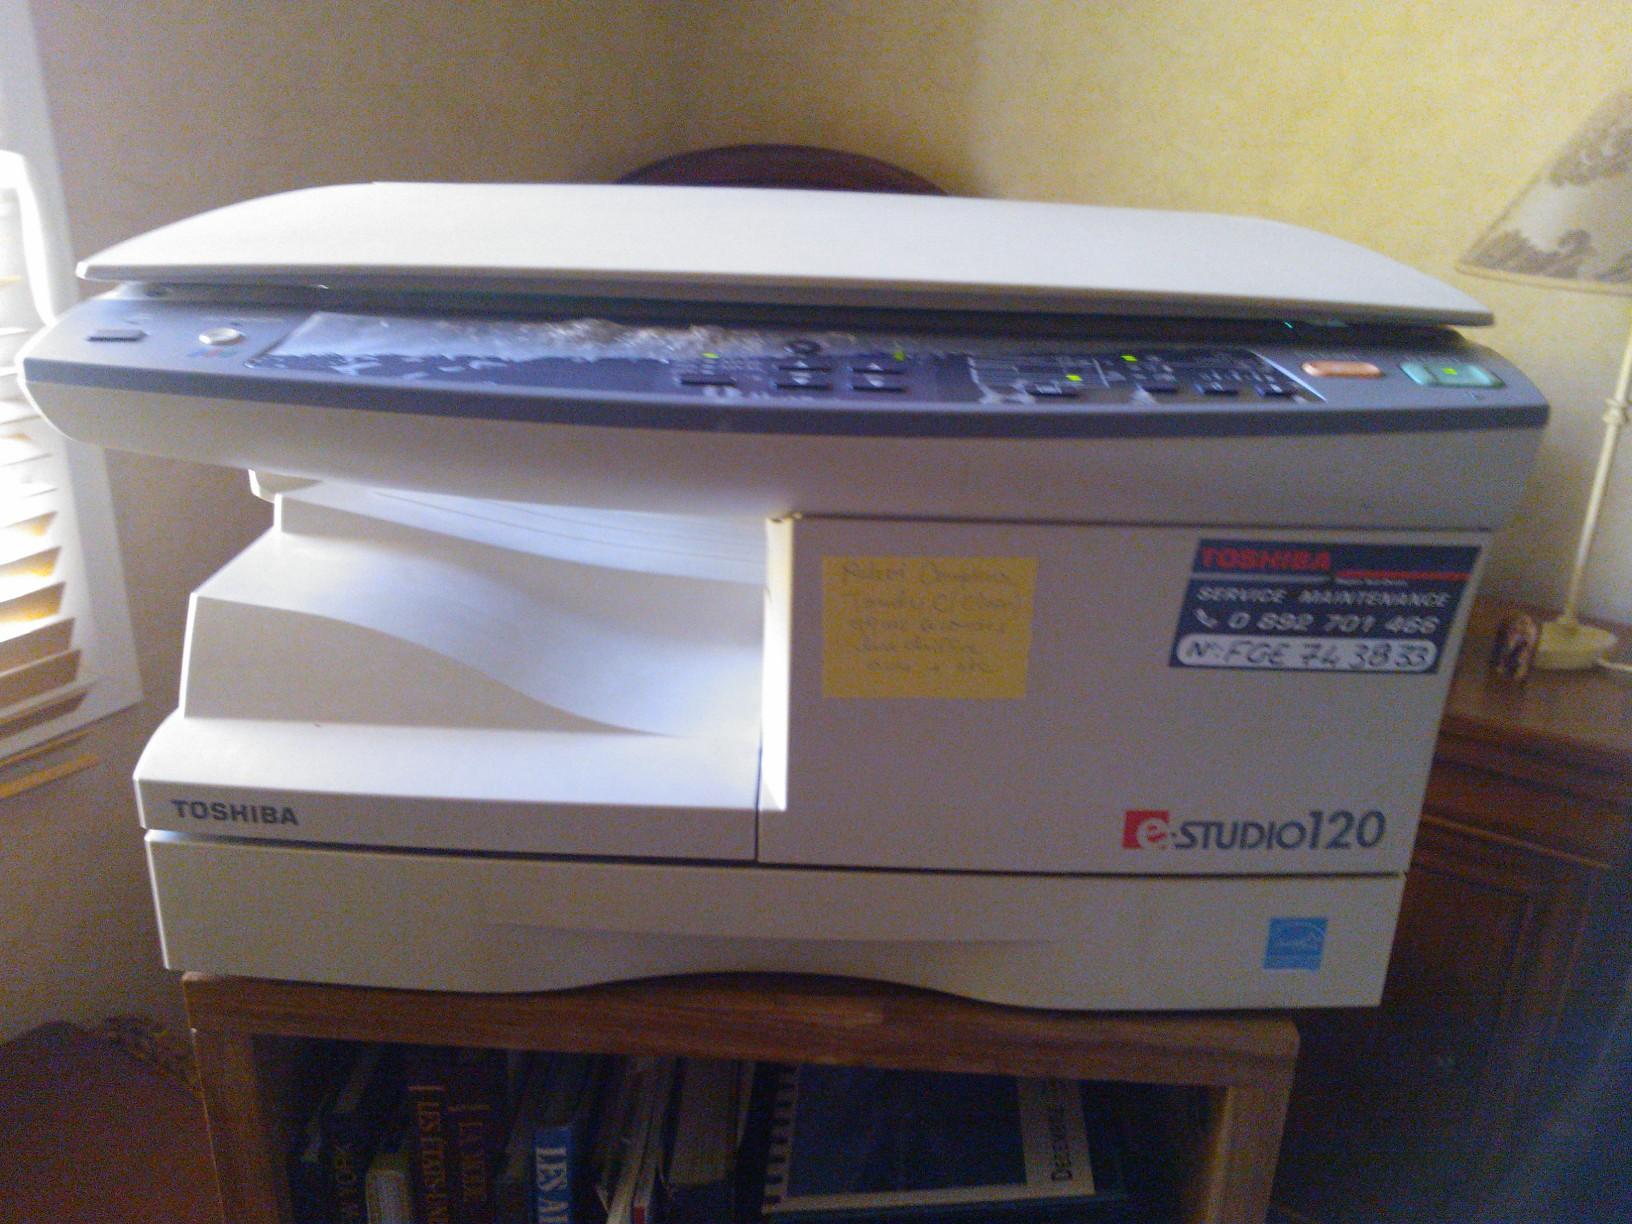 vends p hotocopieuse-scan 200 Saint-Sauveur (33)